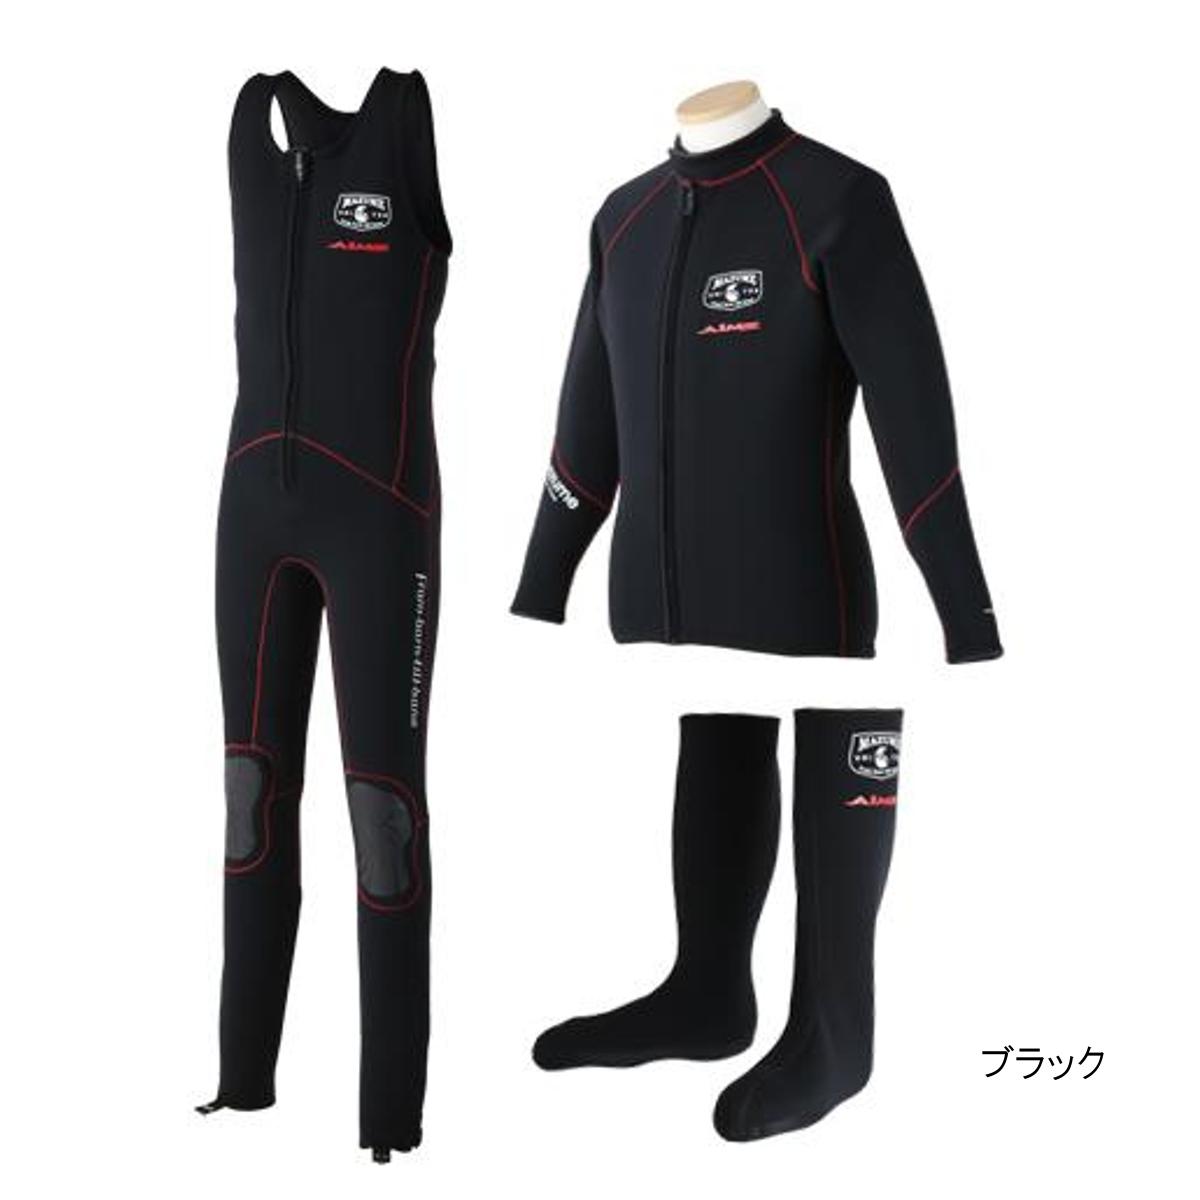 マズメ×エイムス ウェットスーツ3点セット MZWS-320 L ブラック